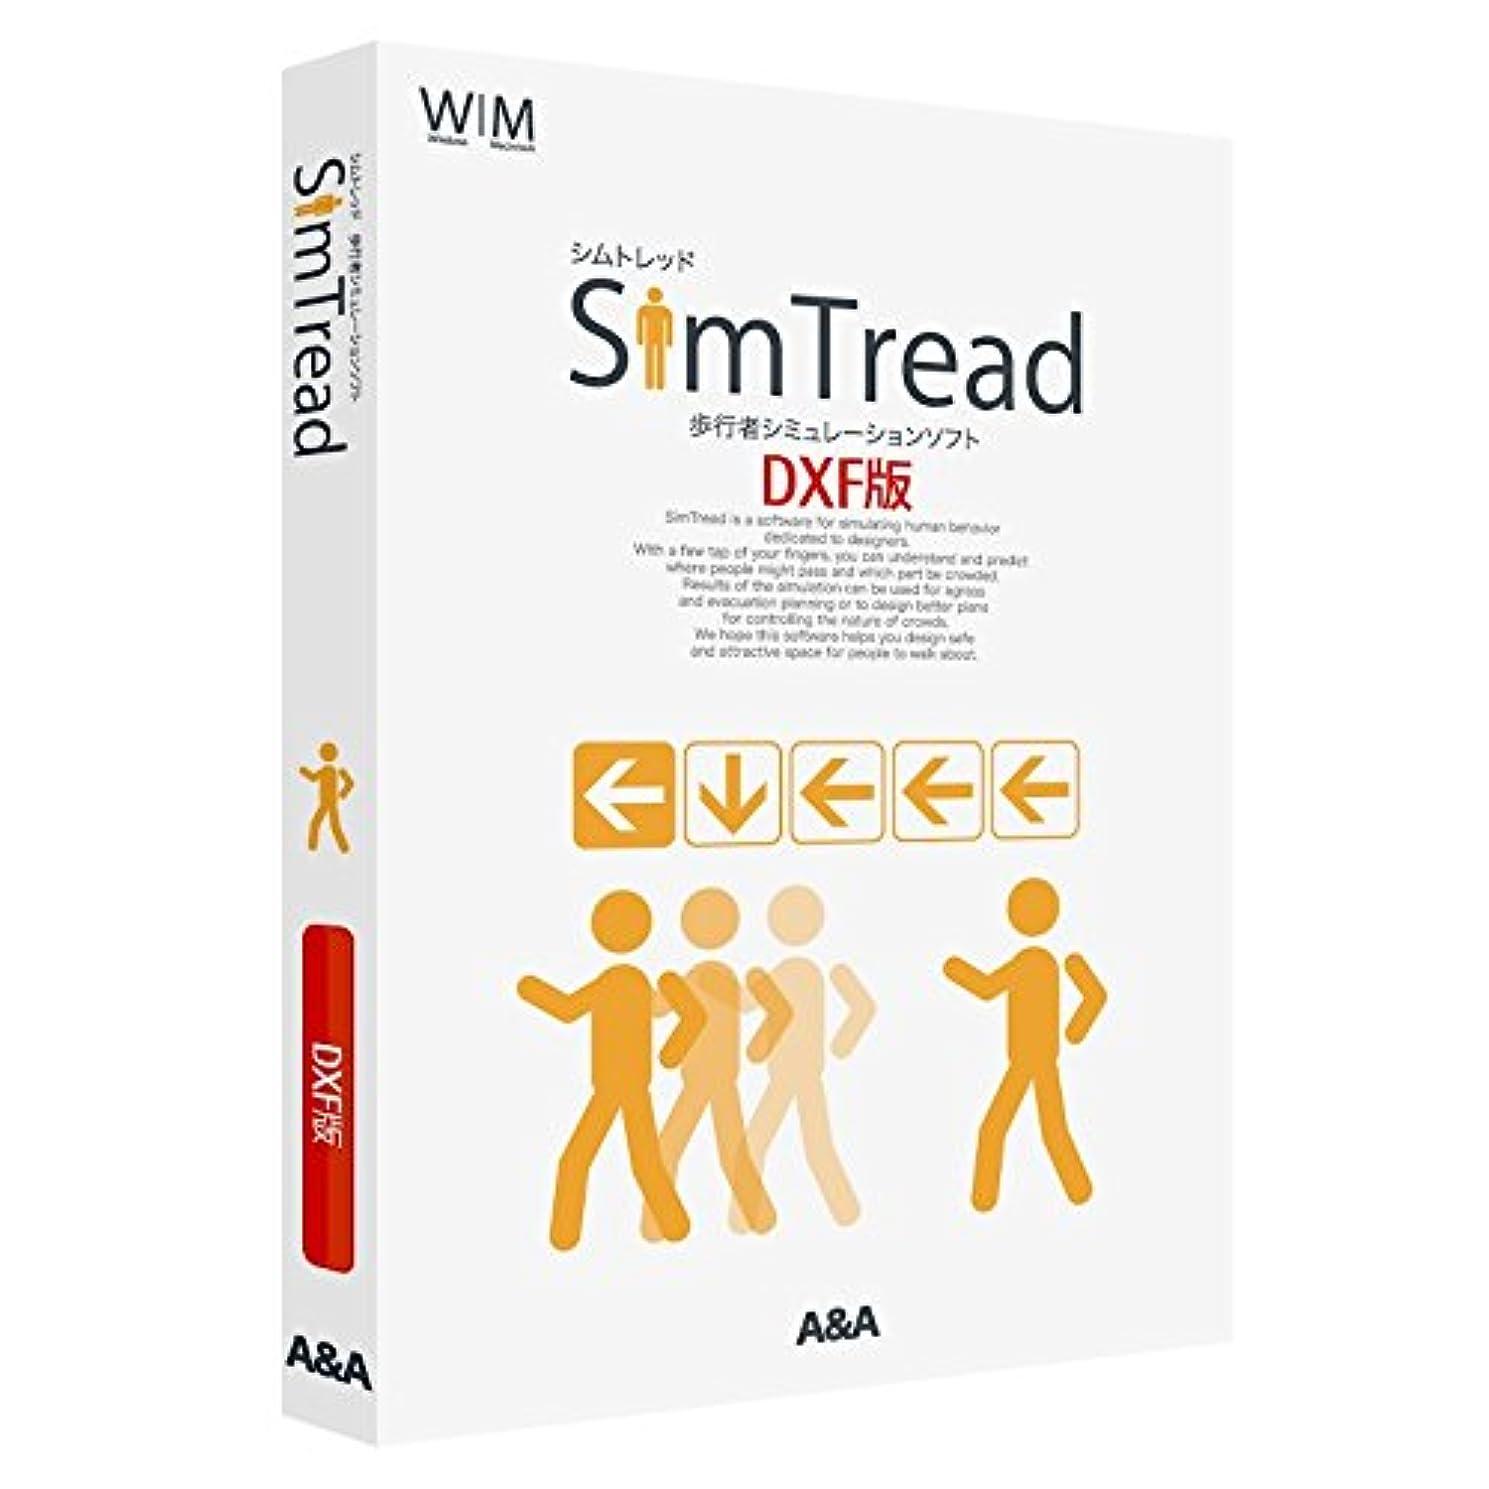 フィルタ部分甥SimTread DXF版 基本パッケージ